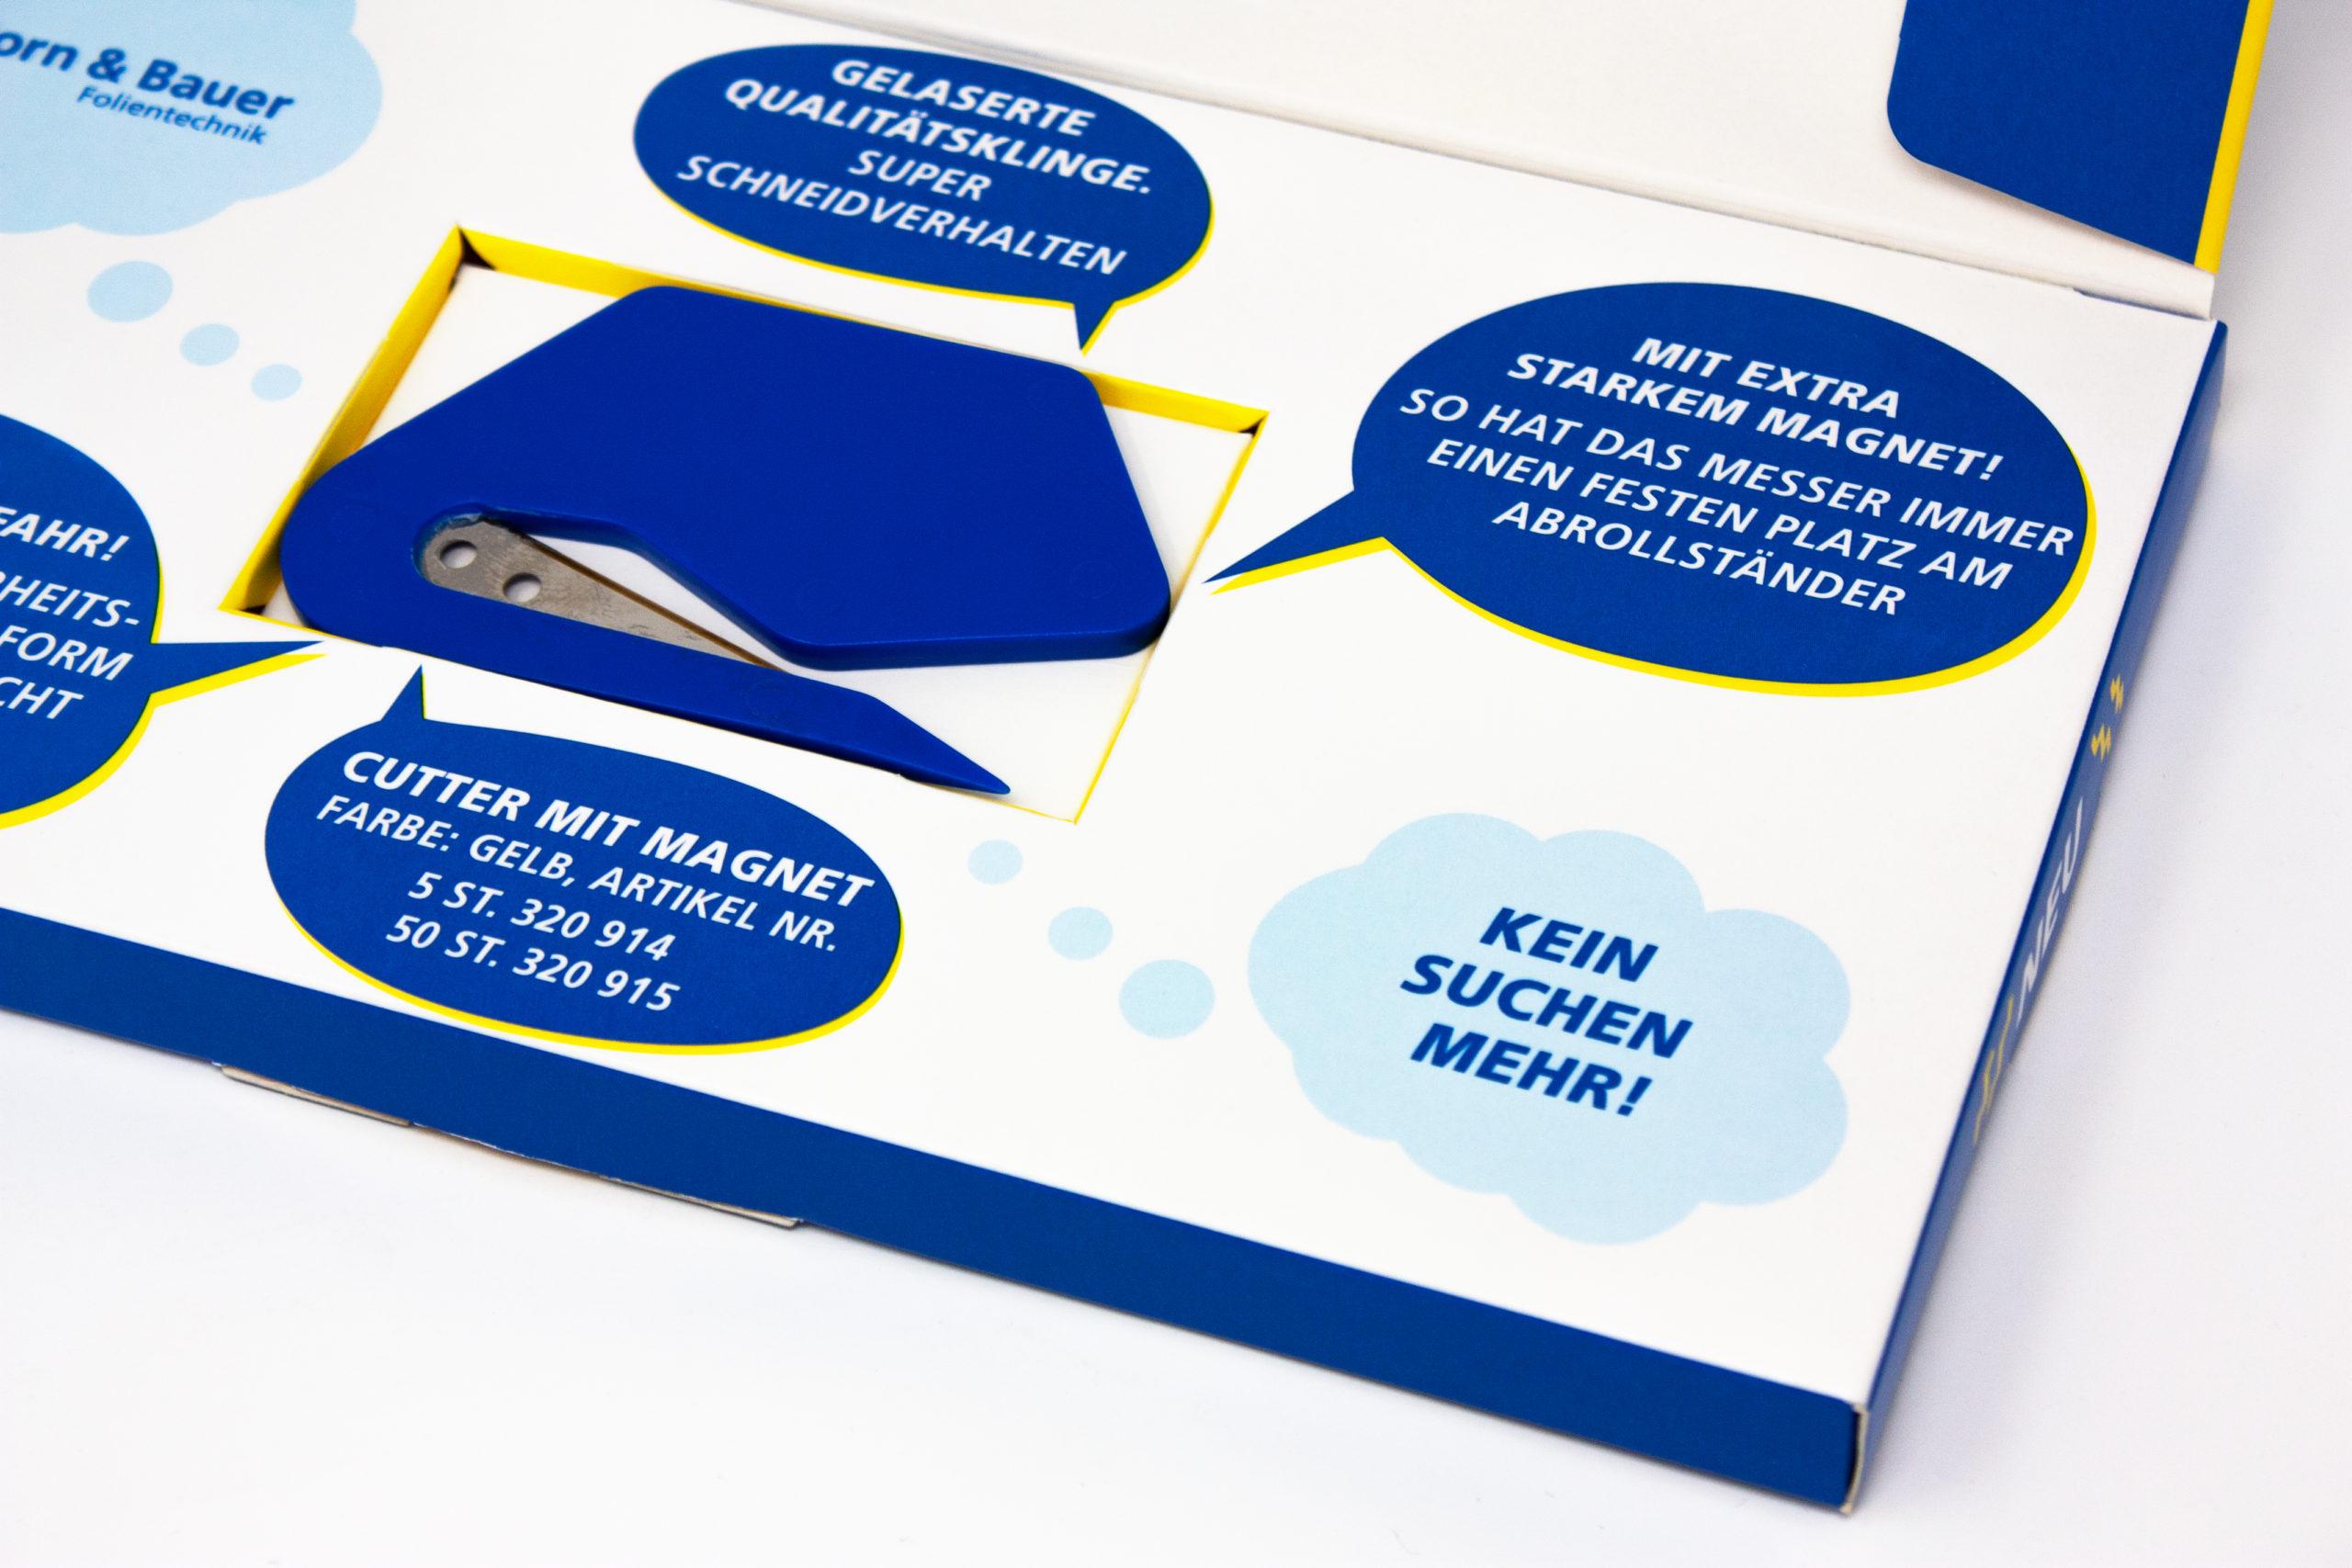 FORMLOS-Horn-und-Bauer-Corporate-Design-Verpackungsdesign-03